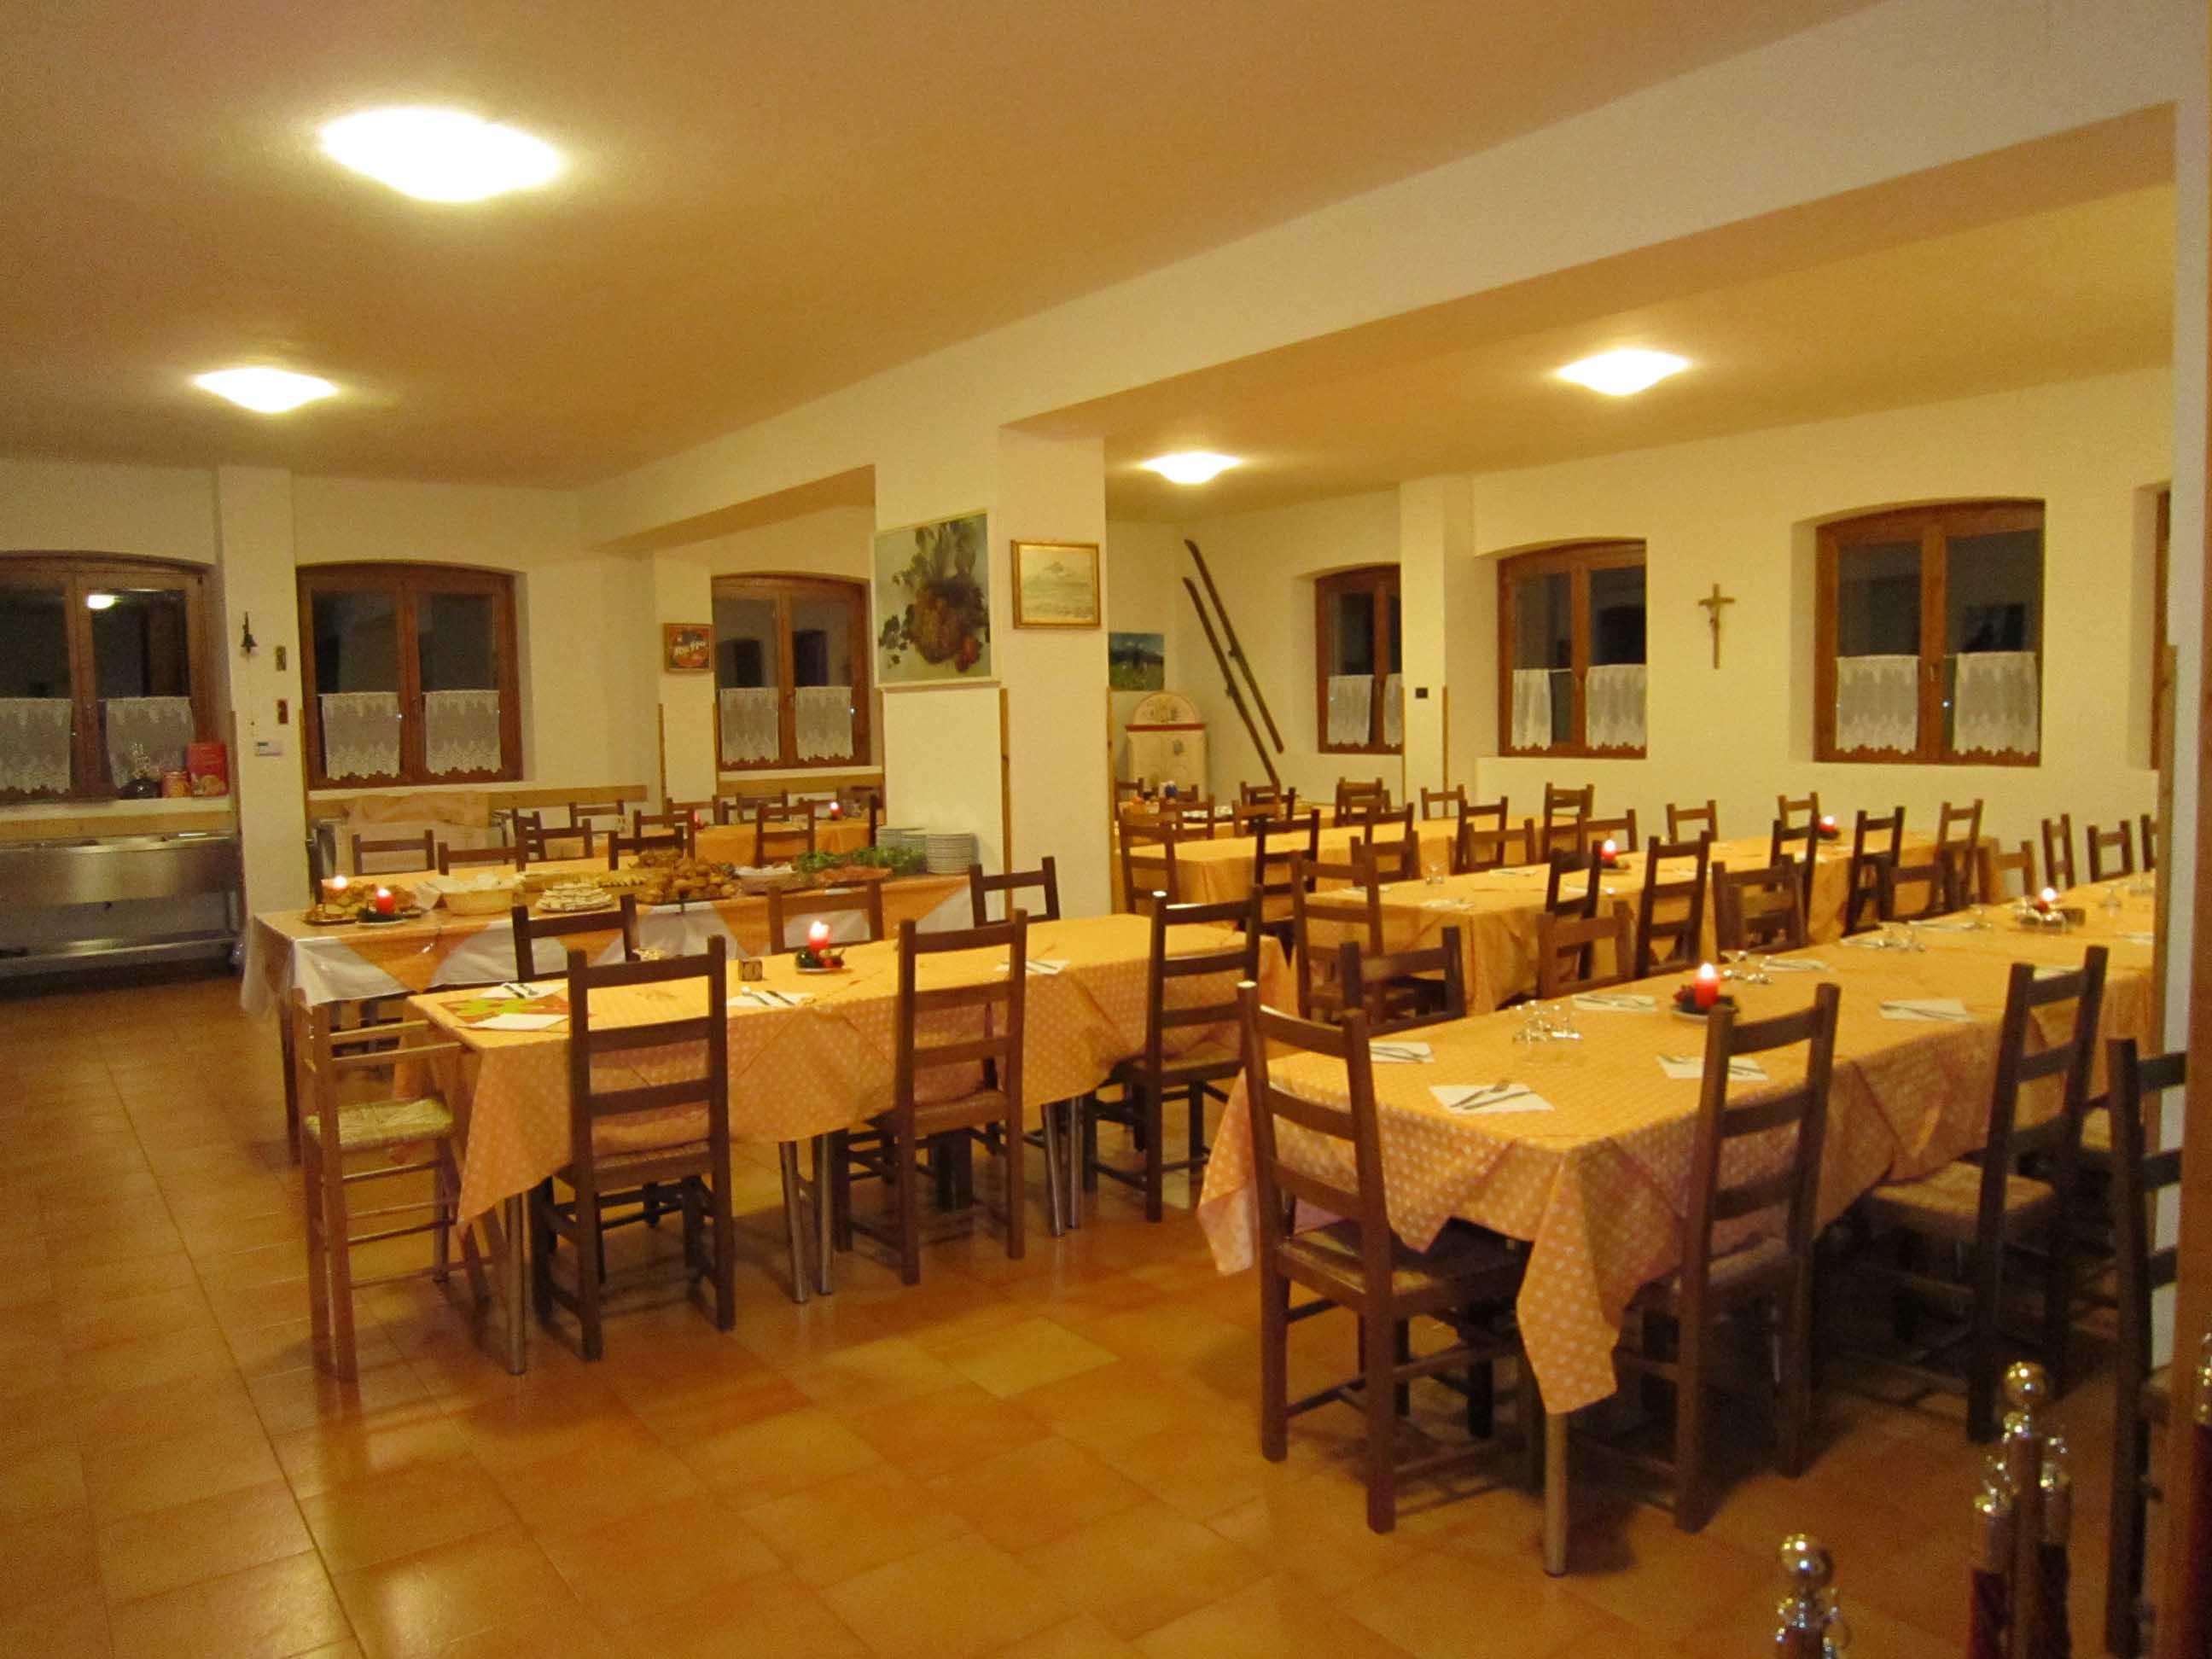 Casa Alpina A Canale D'Agordo (BL) Rif. 358 #BF3704 2592 1944 Sala Da Pranzo Nell'antica Roma